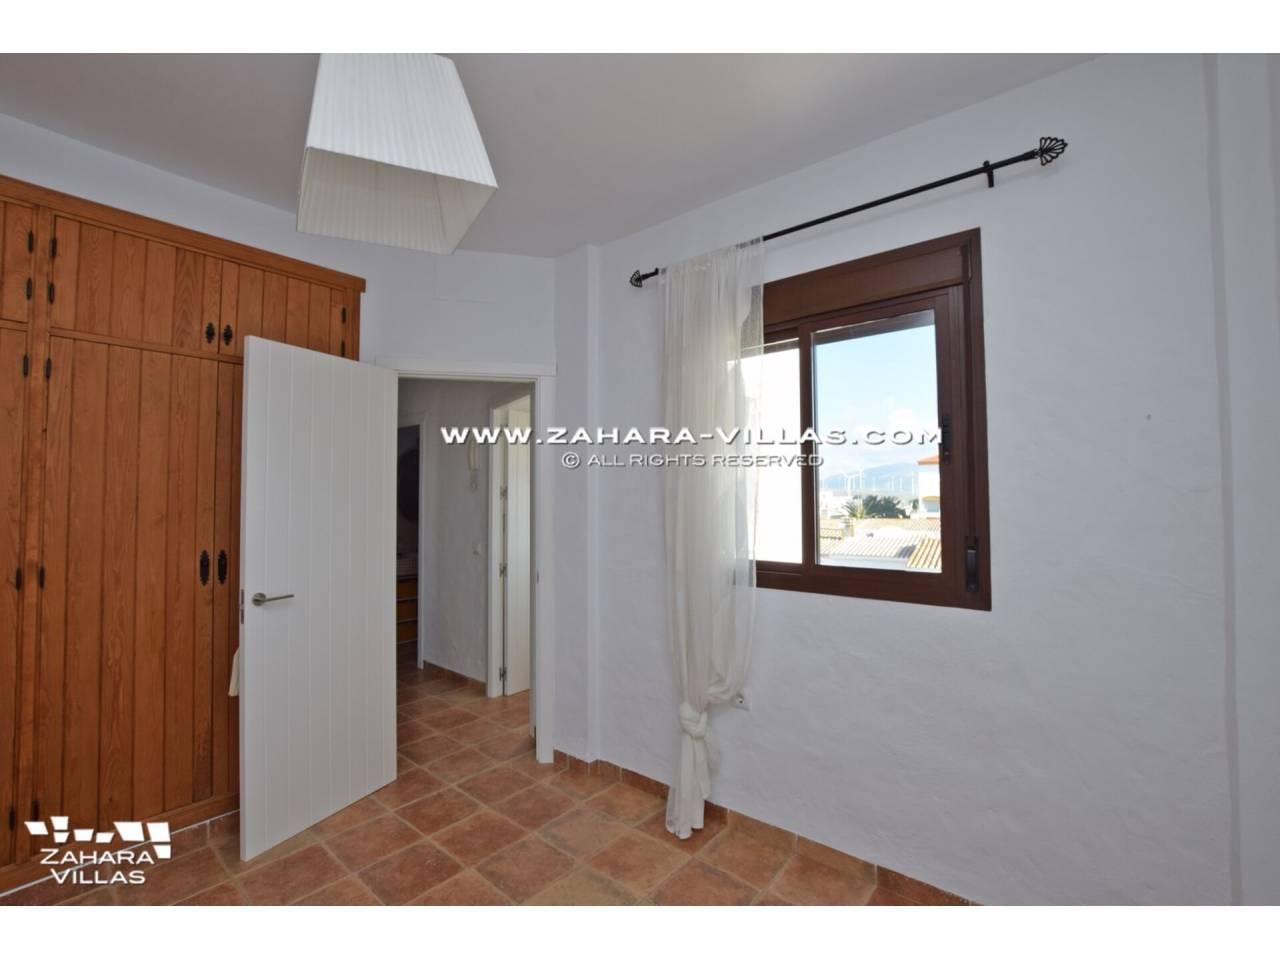 Imagen 6 de Haus zum verkauf in Zahara de los Atunes